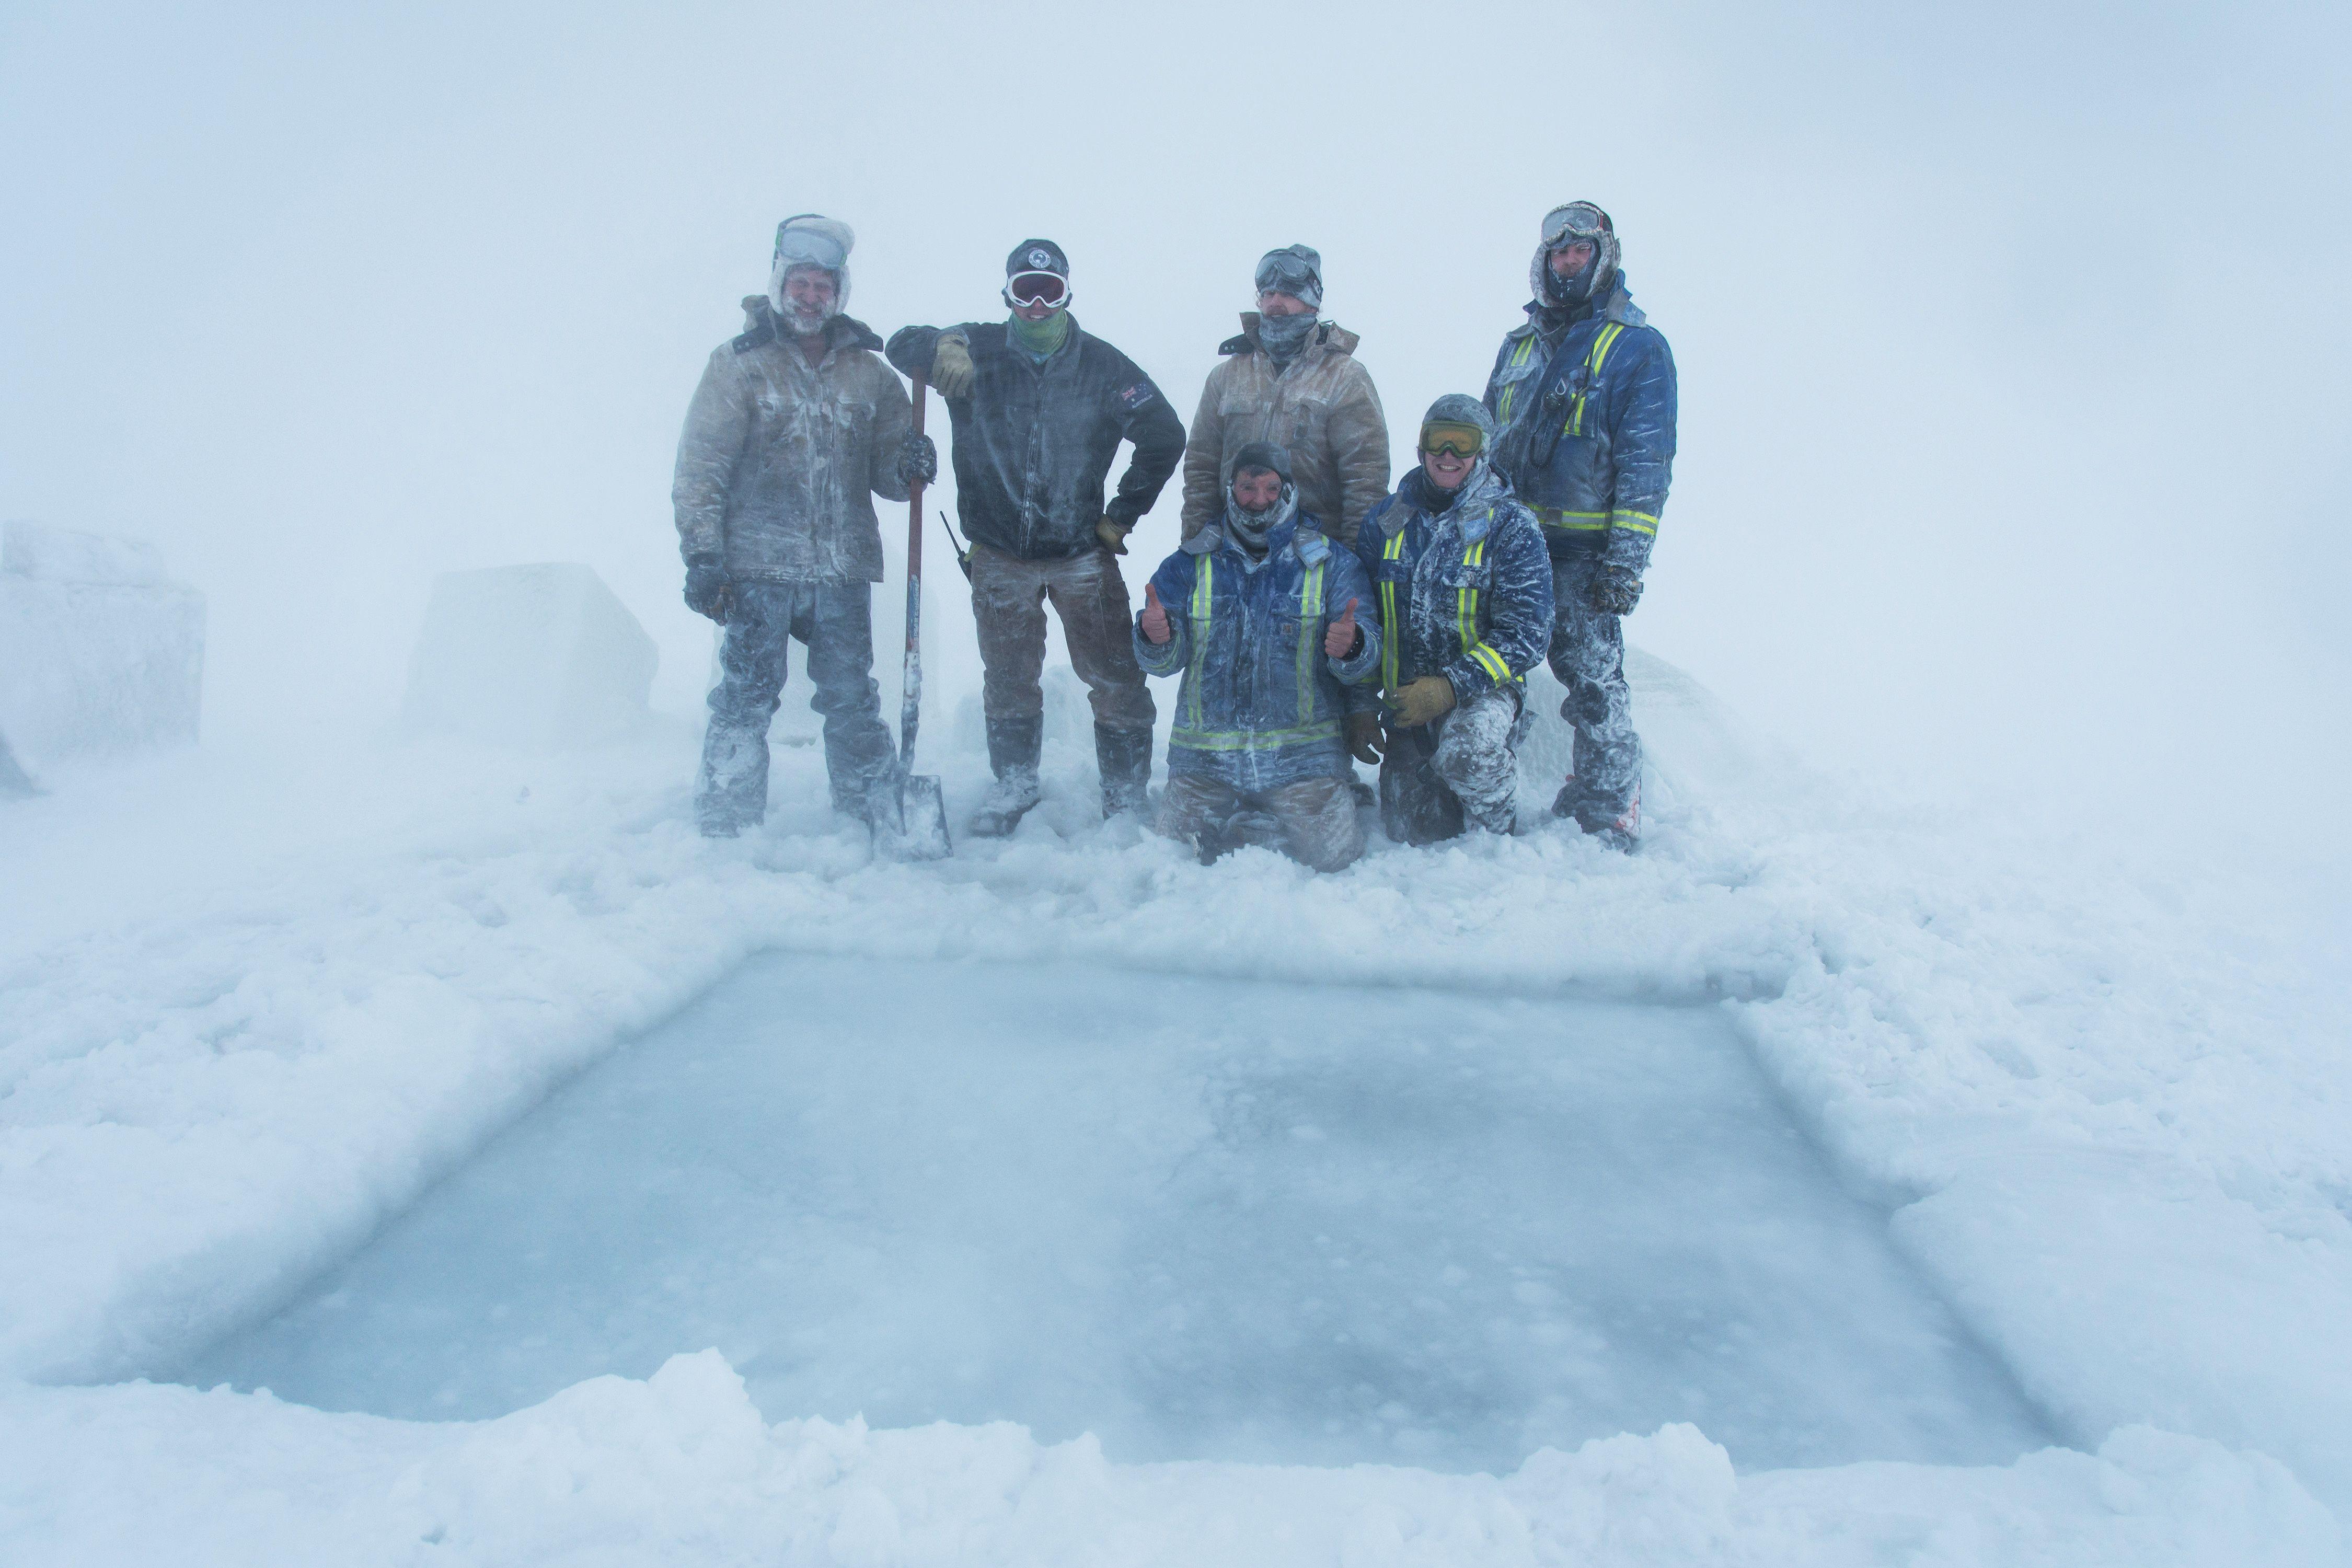 عدد من الأشخاص يلتقطون صورة تذكارية وسط الثلوج